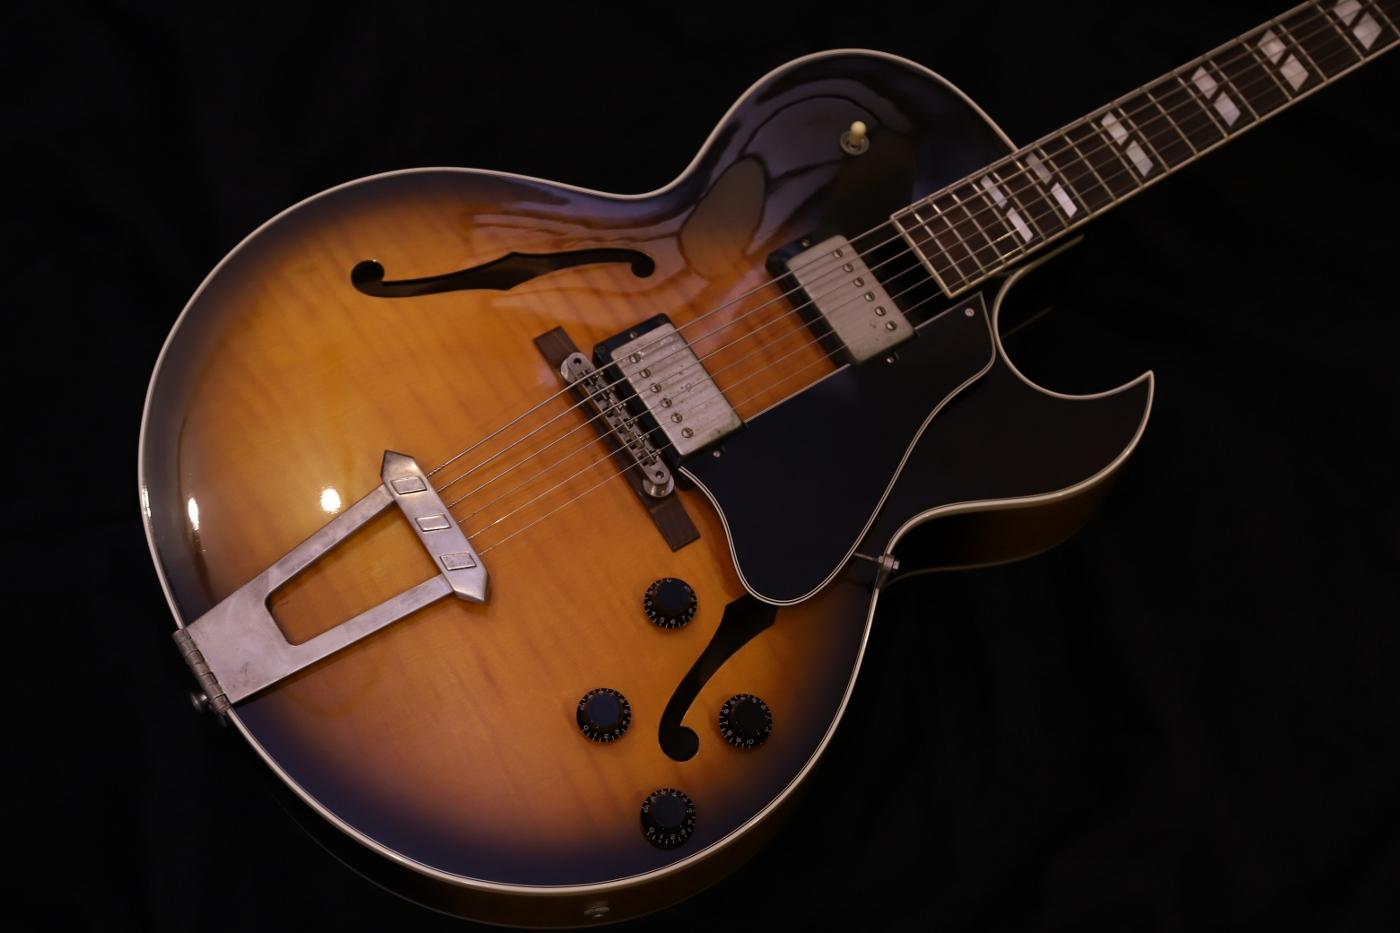 【中古商品】Gibson ES-175 ギブソン フルアコ [SN/90535306] 【送料無料&即納可能♪】